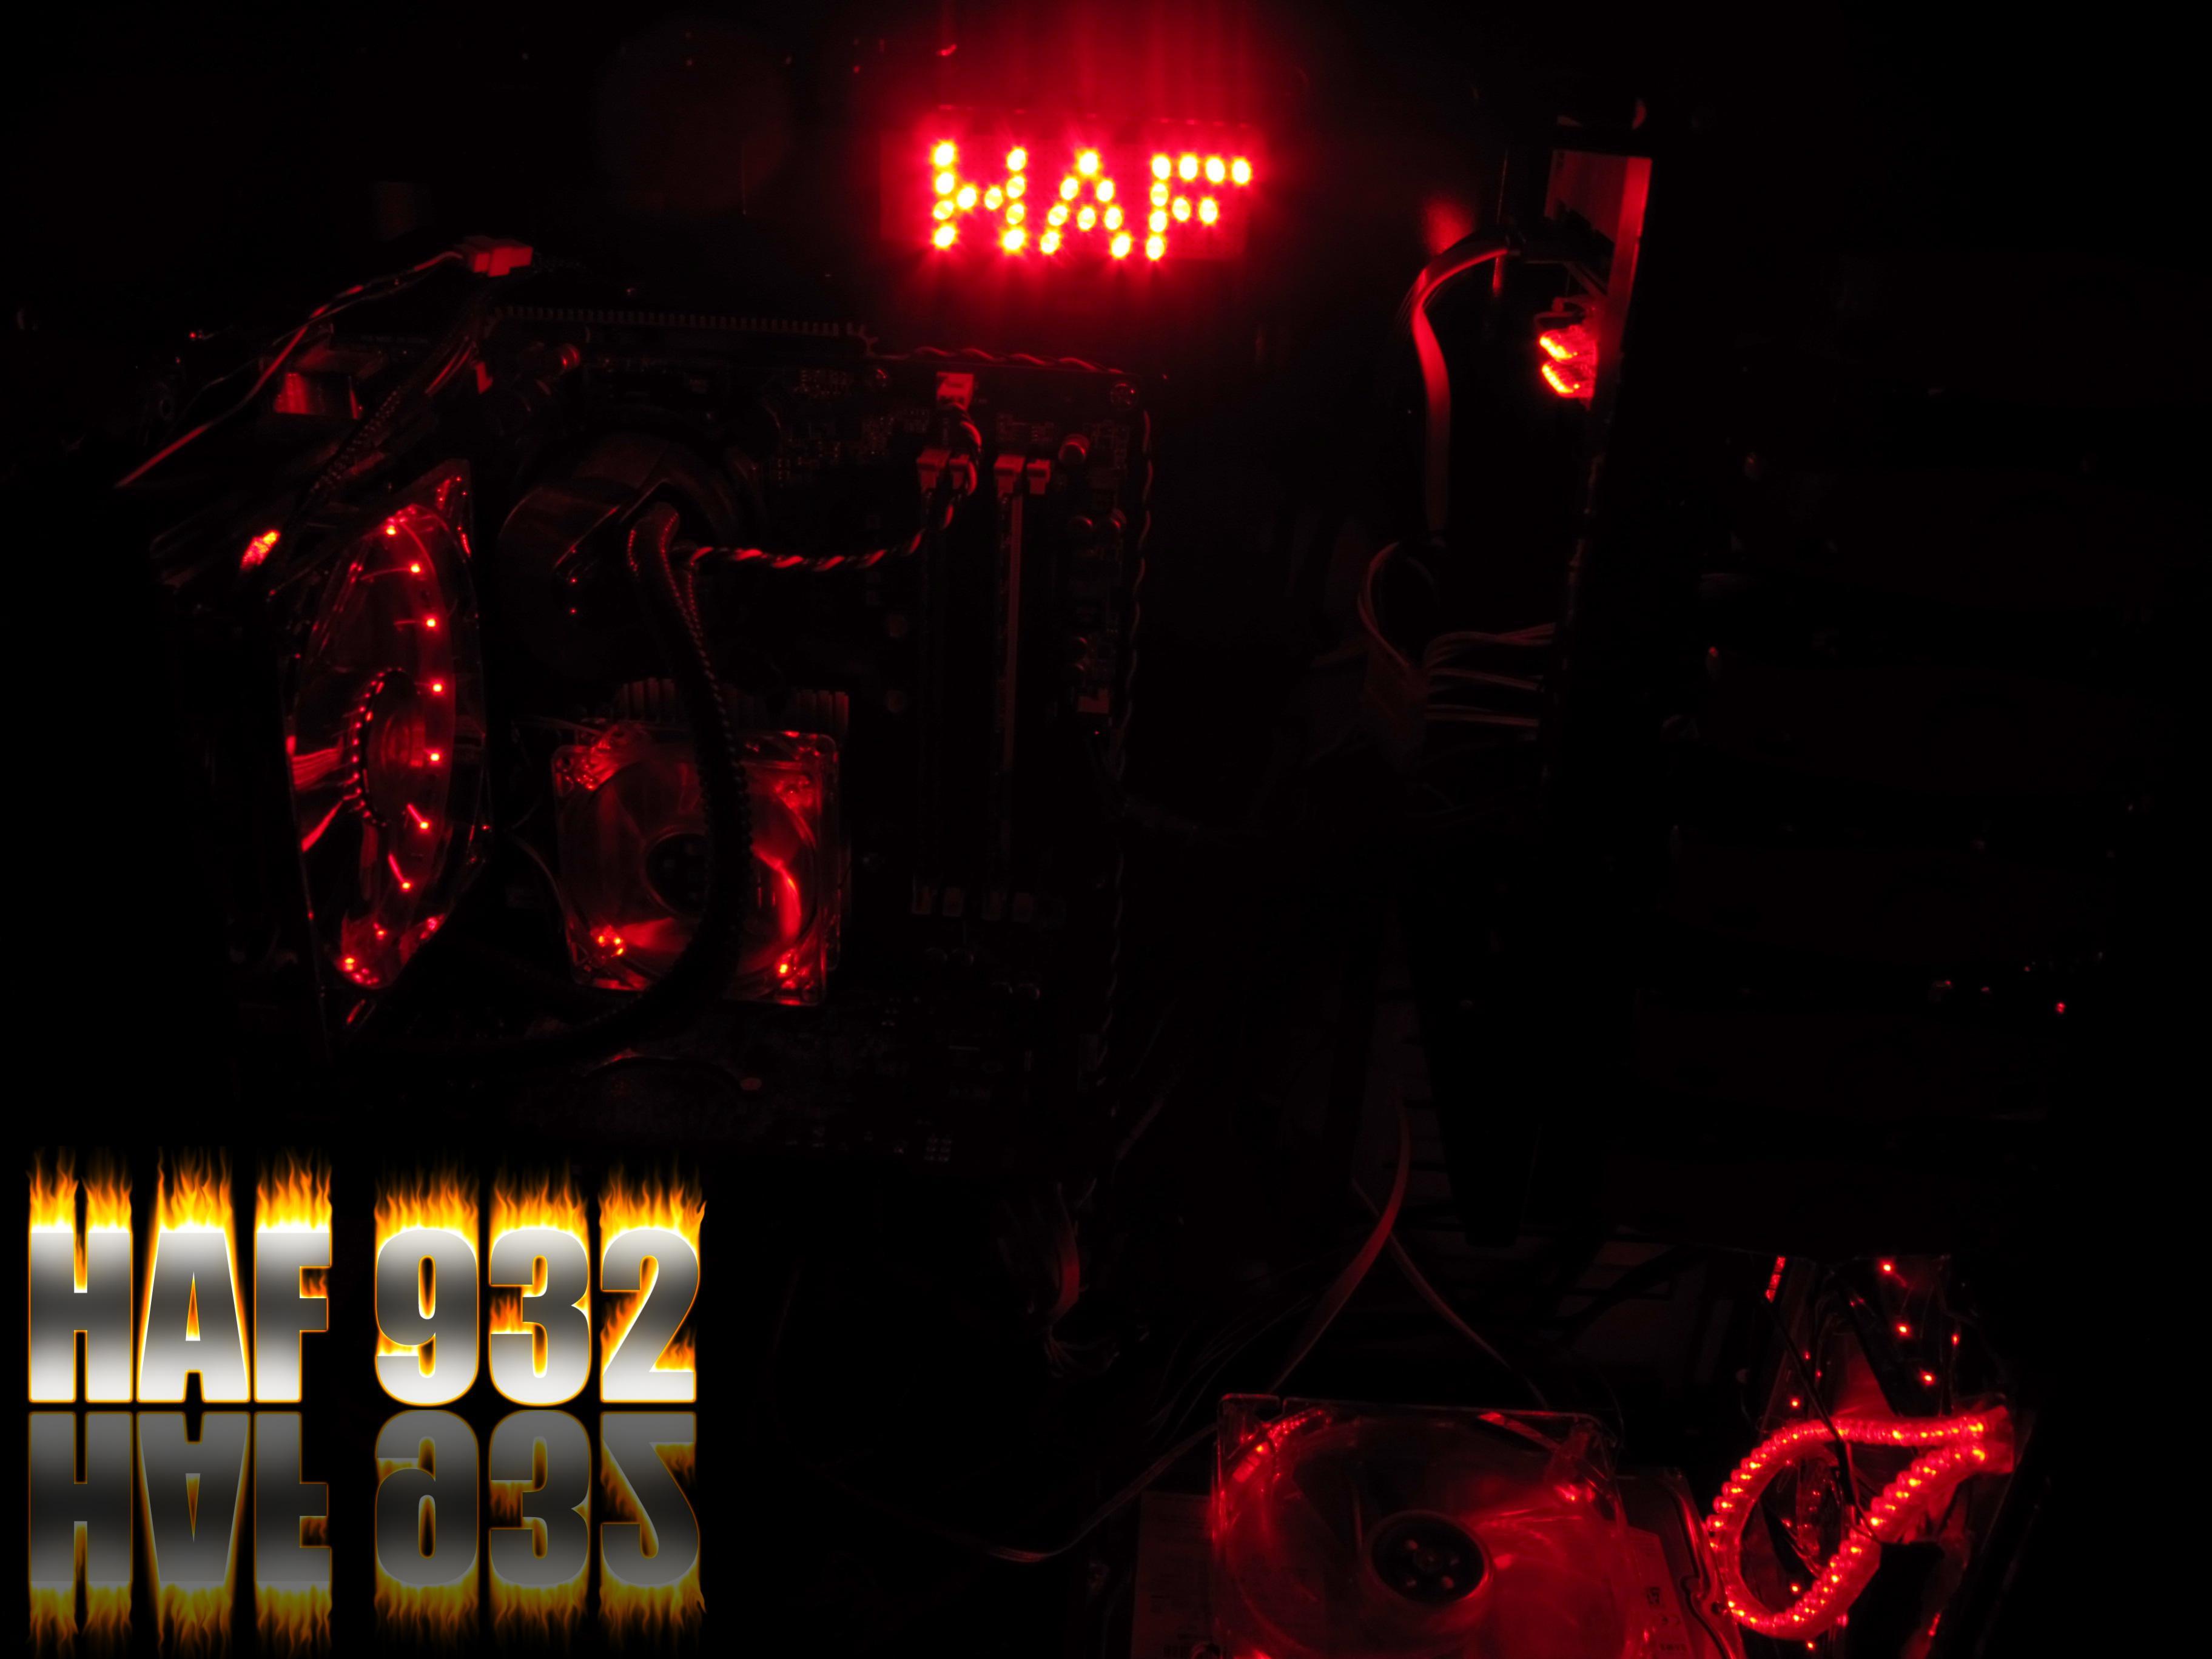 HAF 932 meets Vegas